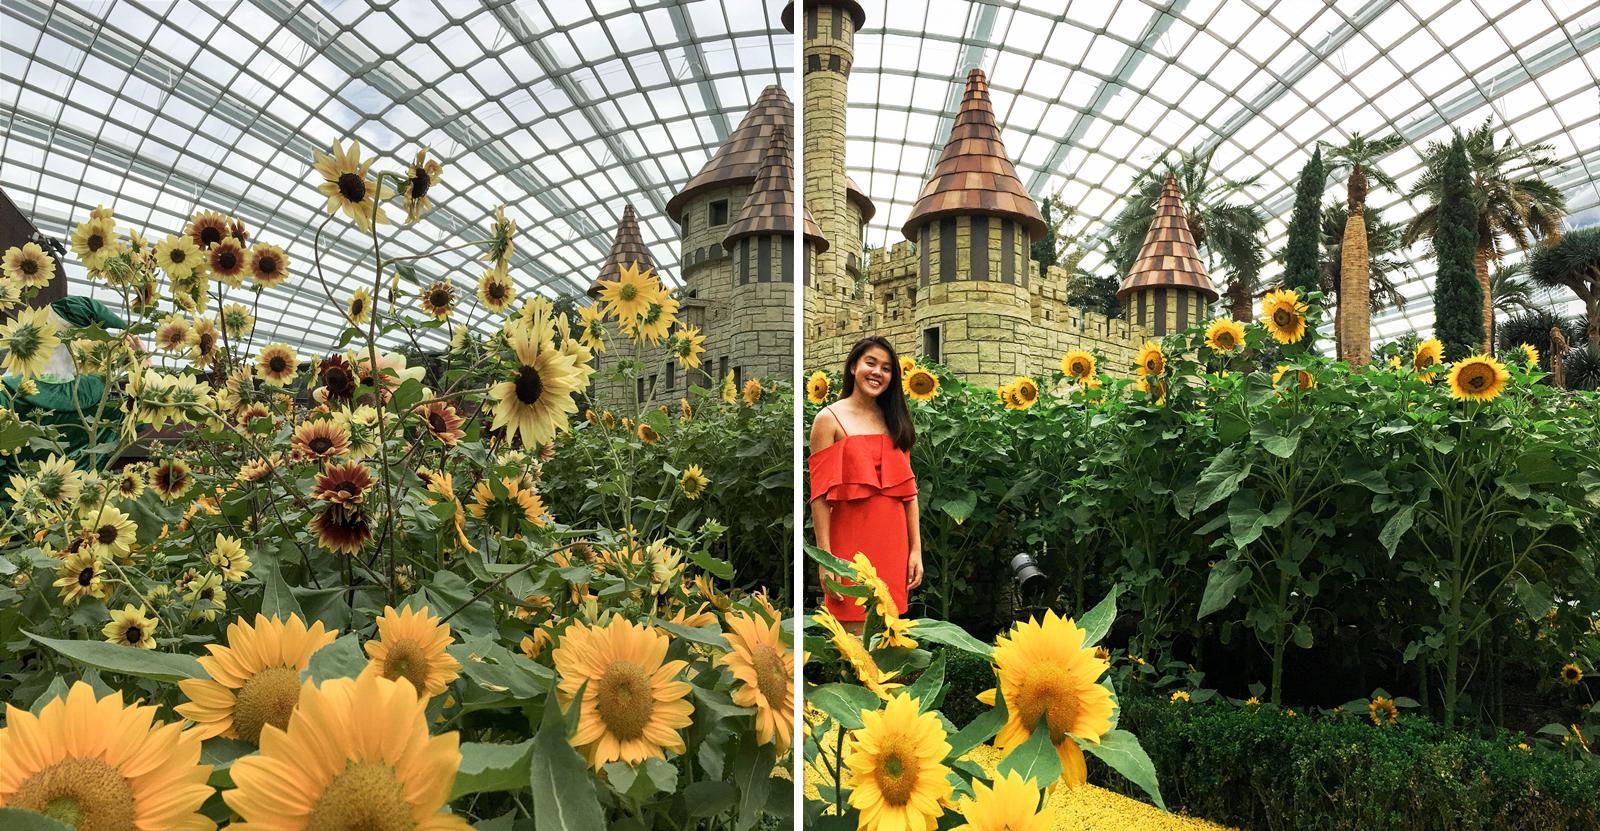 Sunflower surprise ootd using phone GBTB - lightroom colour tones temperature